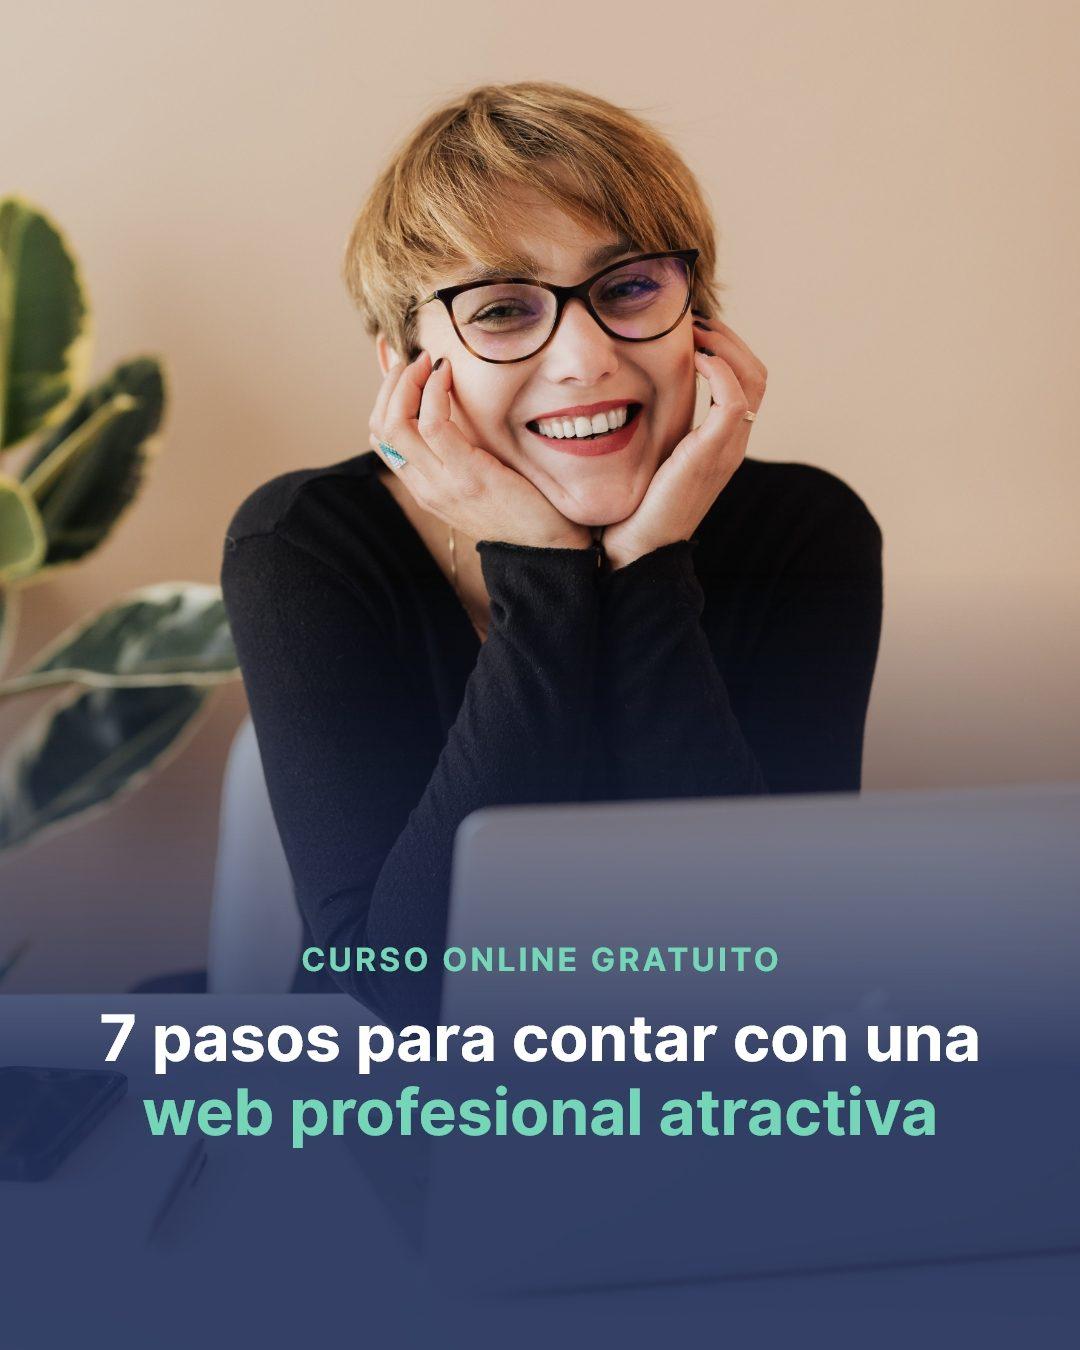 7 pasos para contar con una web profesional atractiva